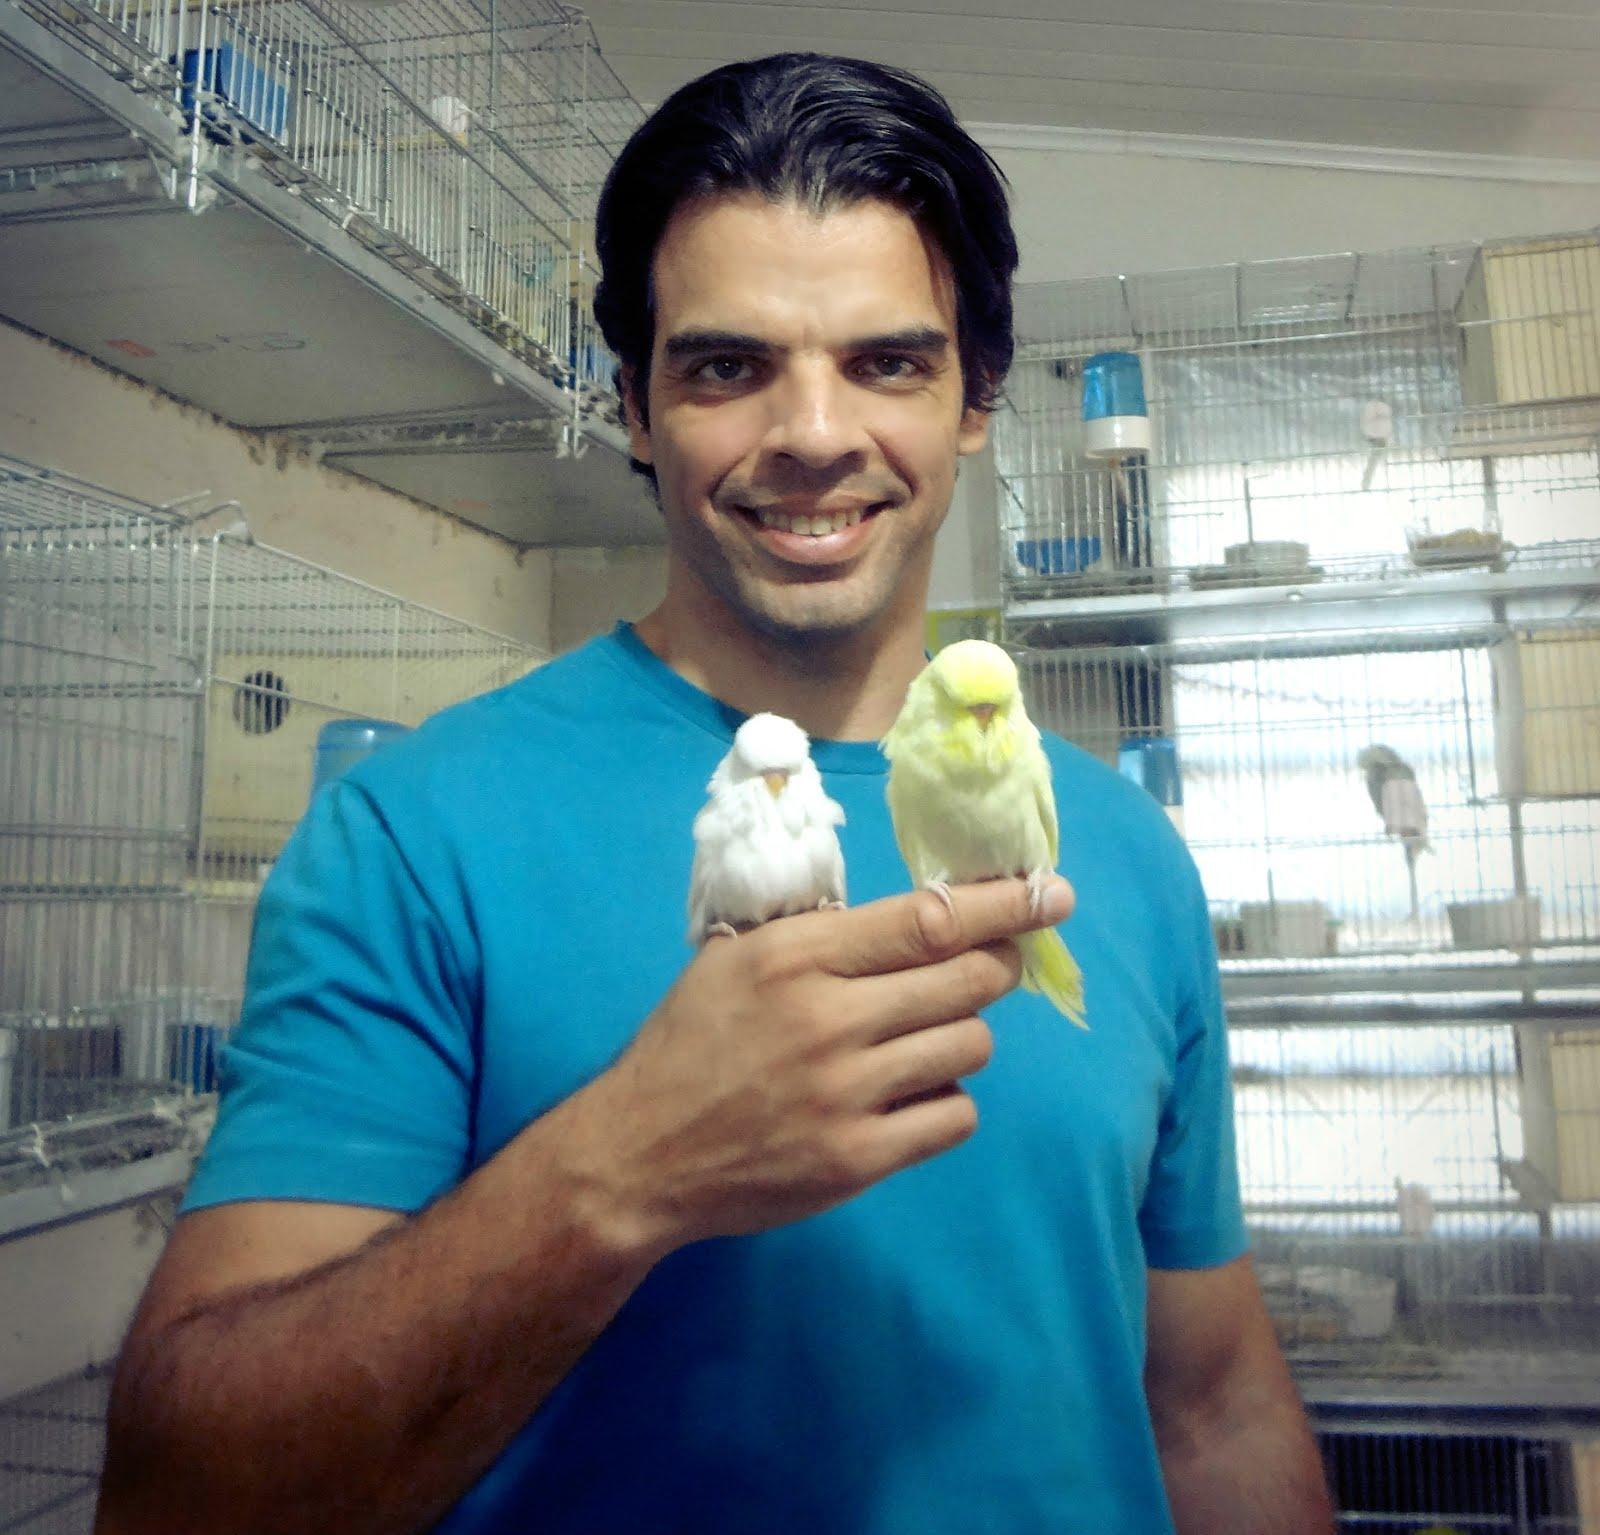 O CRIADOR - Luiz Américo